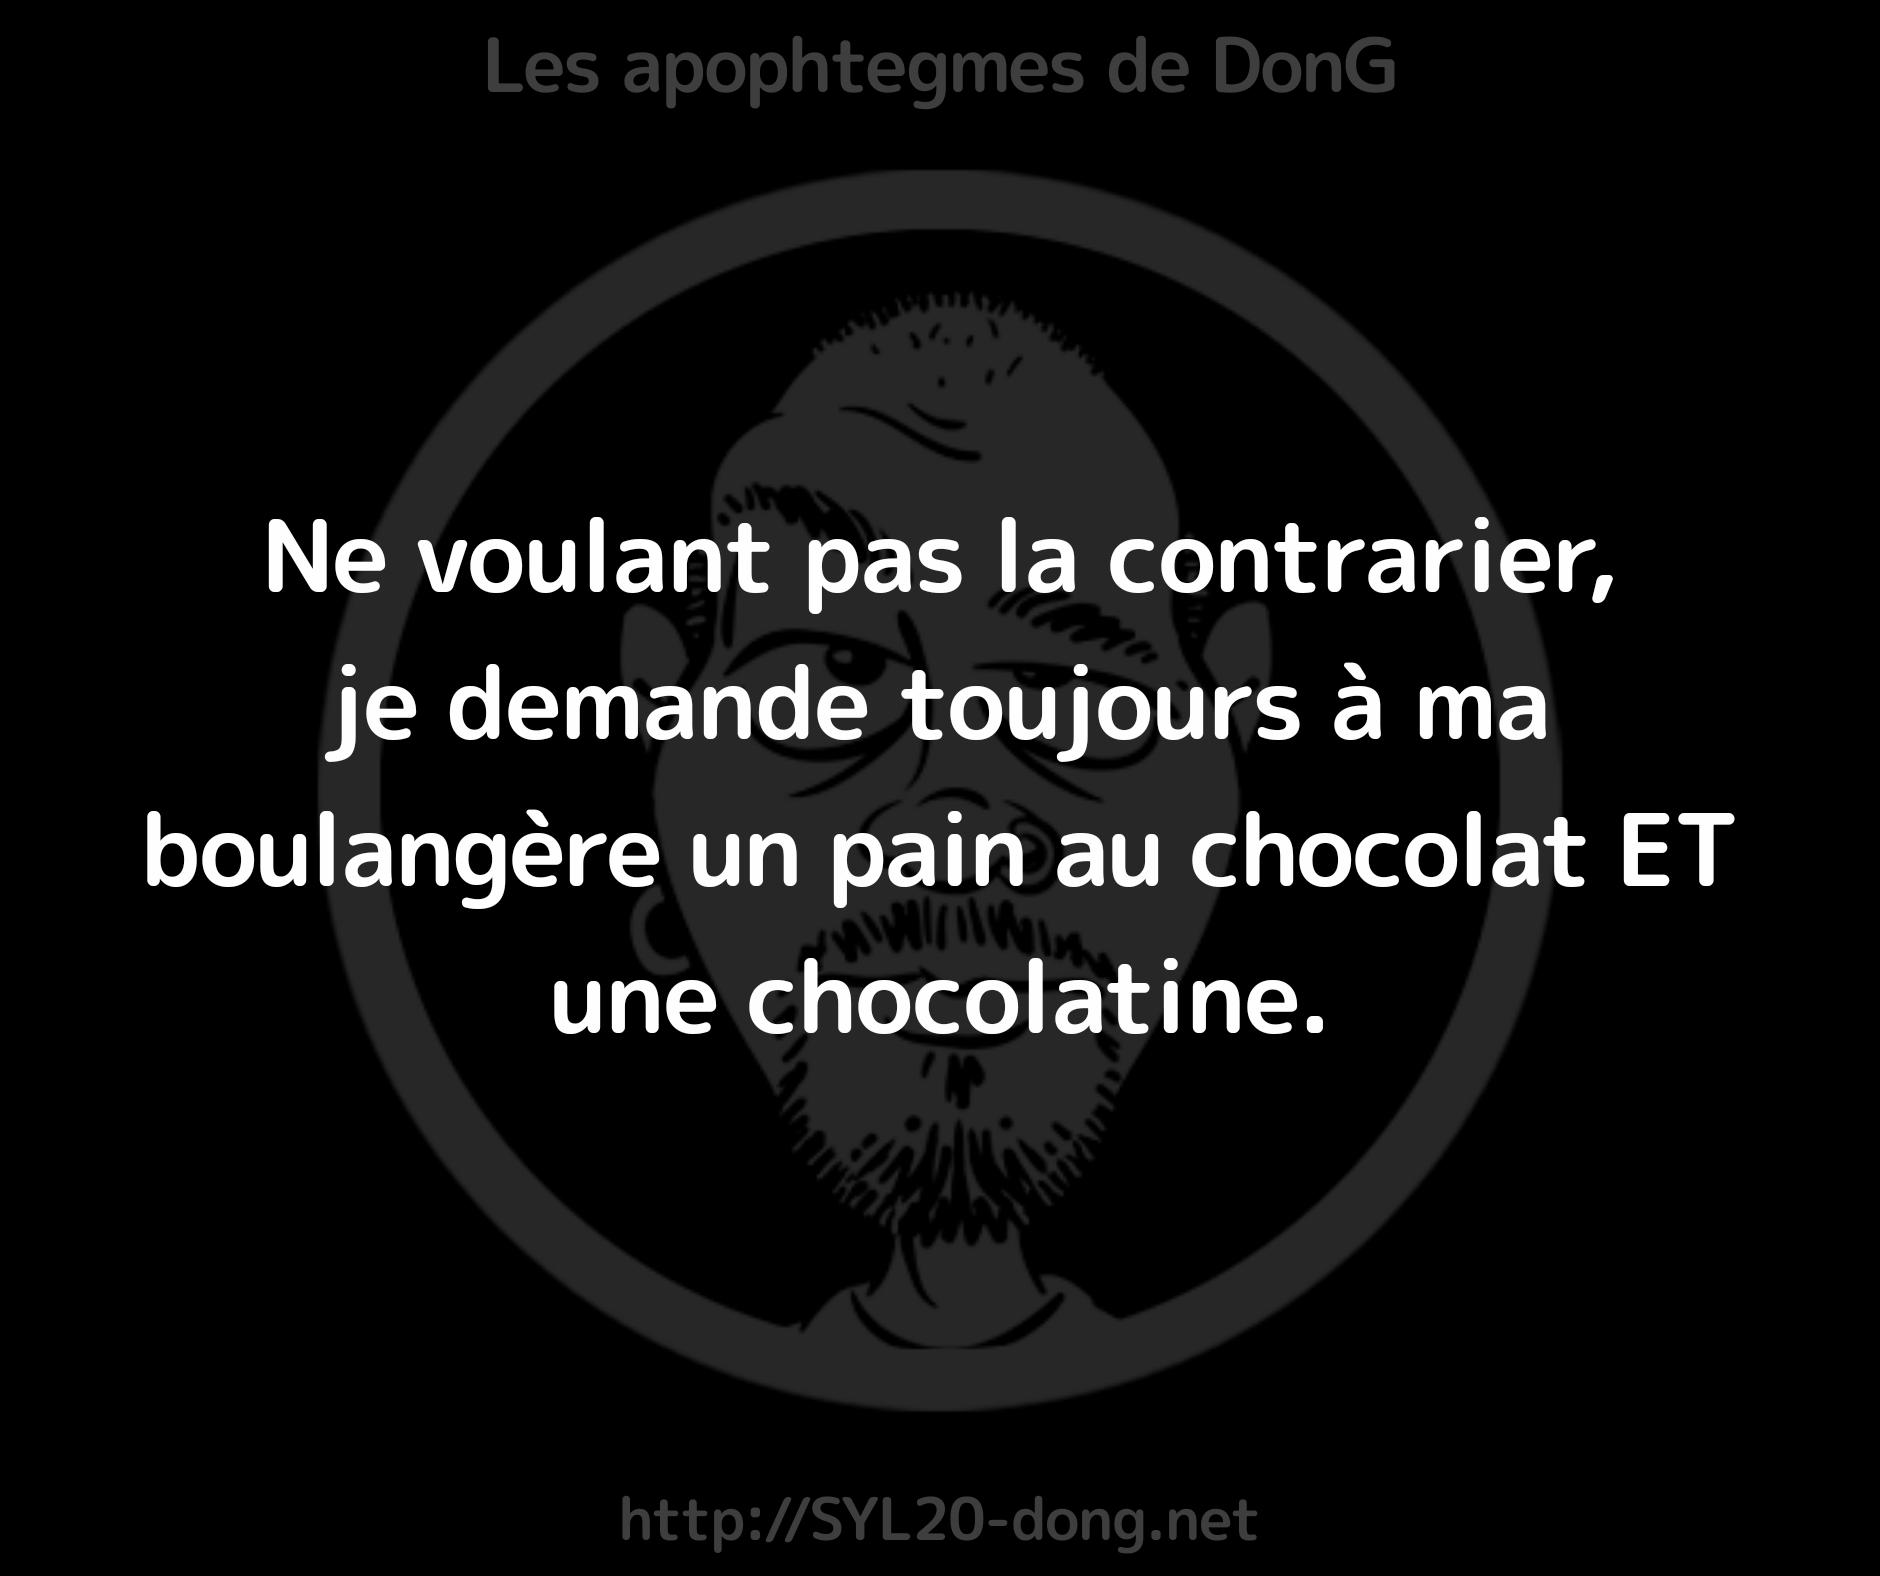 Ne voulant pas la contrarier, je demande toujours à ma boulangère un pain au chocolat ET une chocolatine.